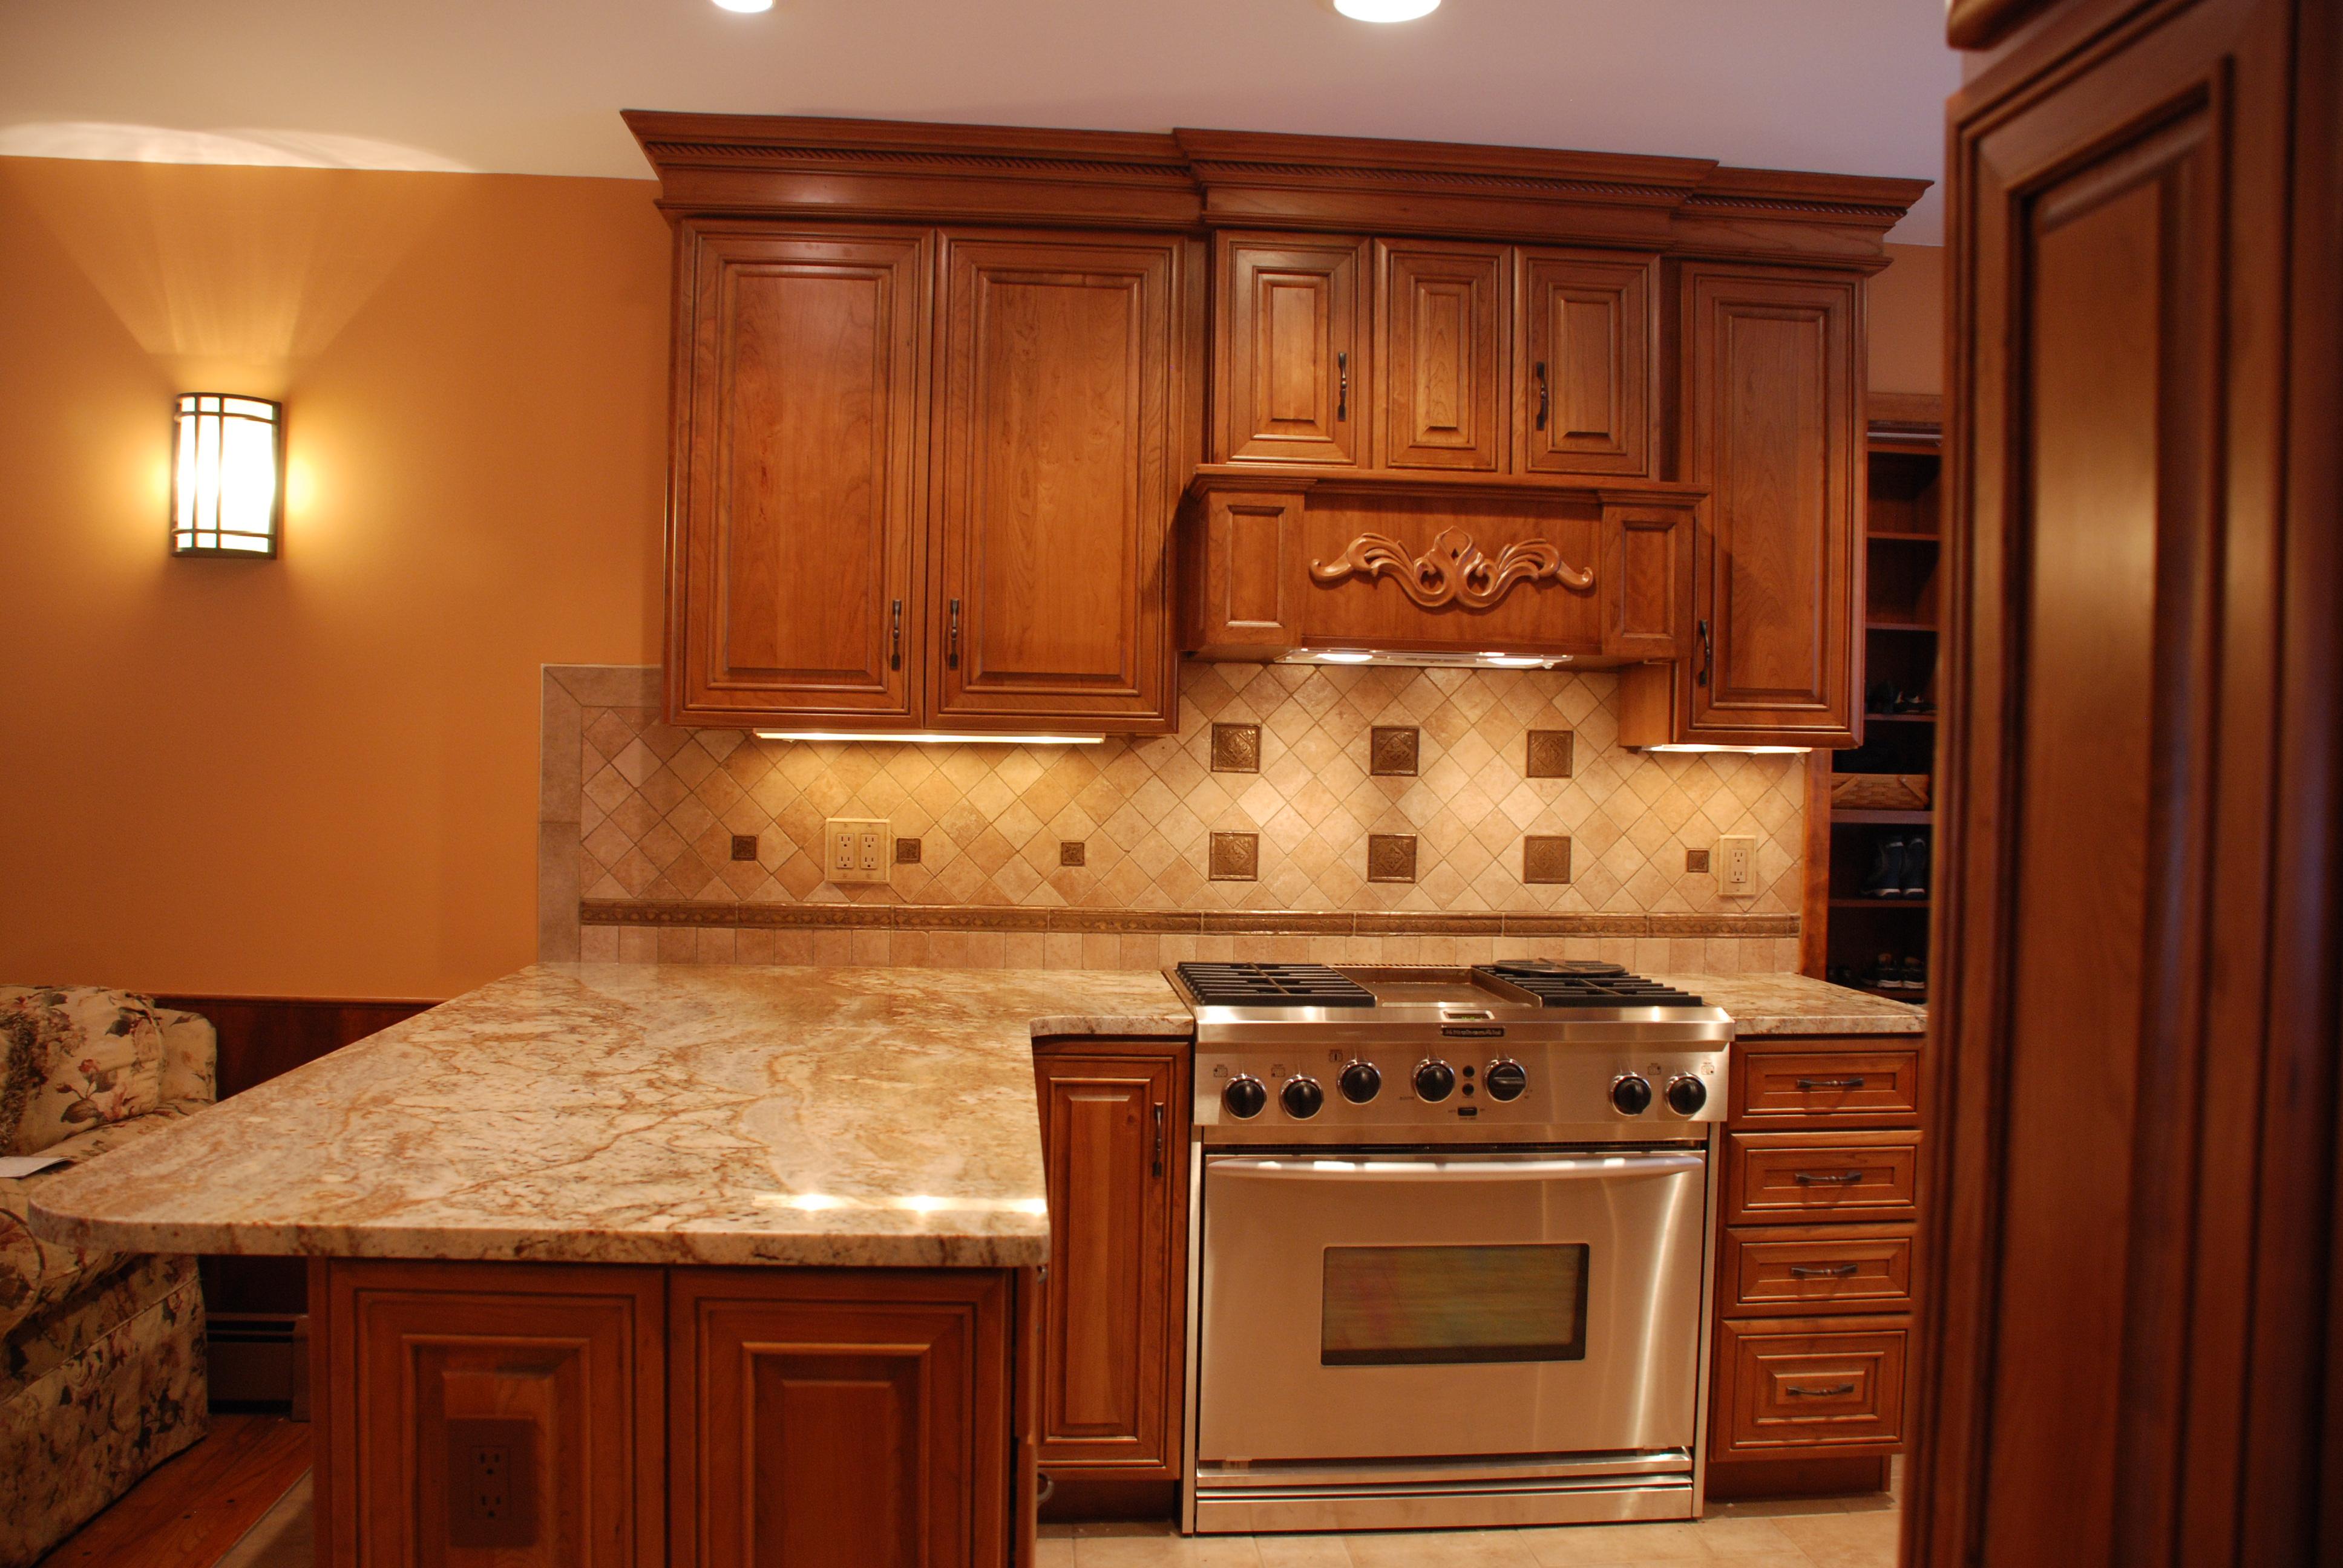 undercabinetlightingshop kitchen under cabinet lighting Xenon Under Cabinet Lighting